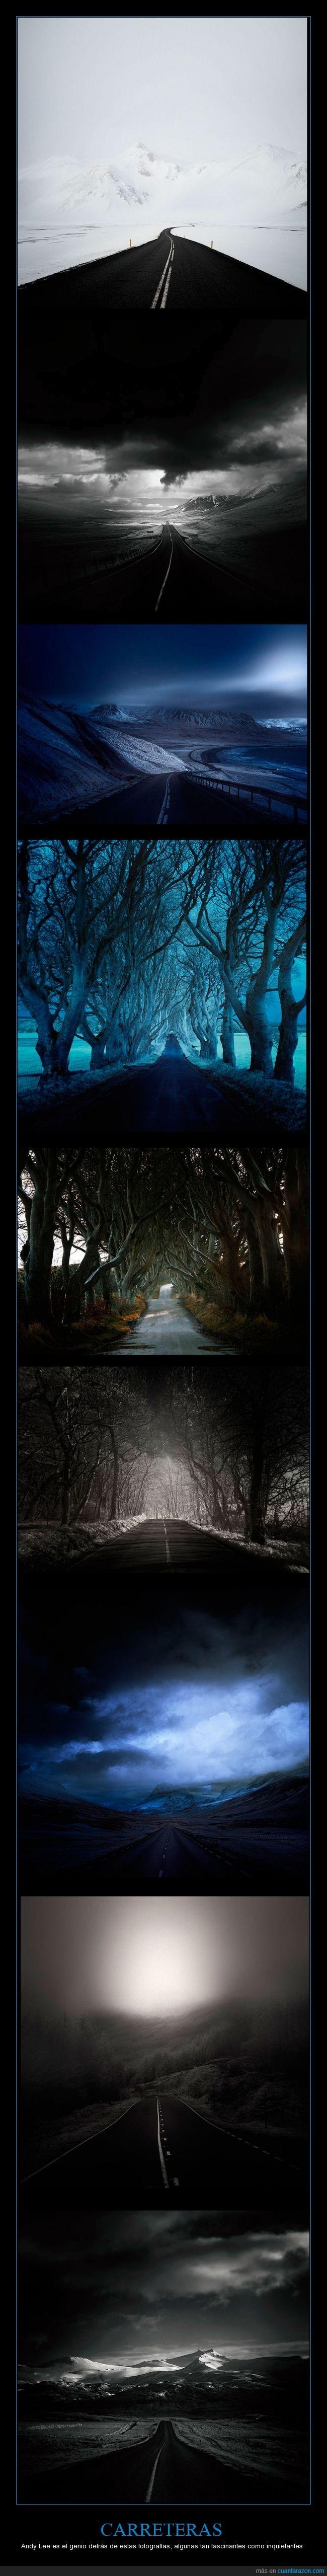 abandonadas,Asfalto,Cámara.,carreteras,fotógrafo,lugares,Nieve,Nubes,paisajes,soledad,terror